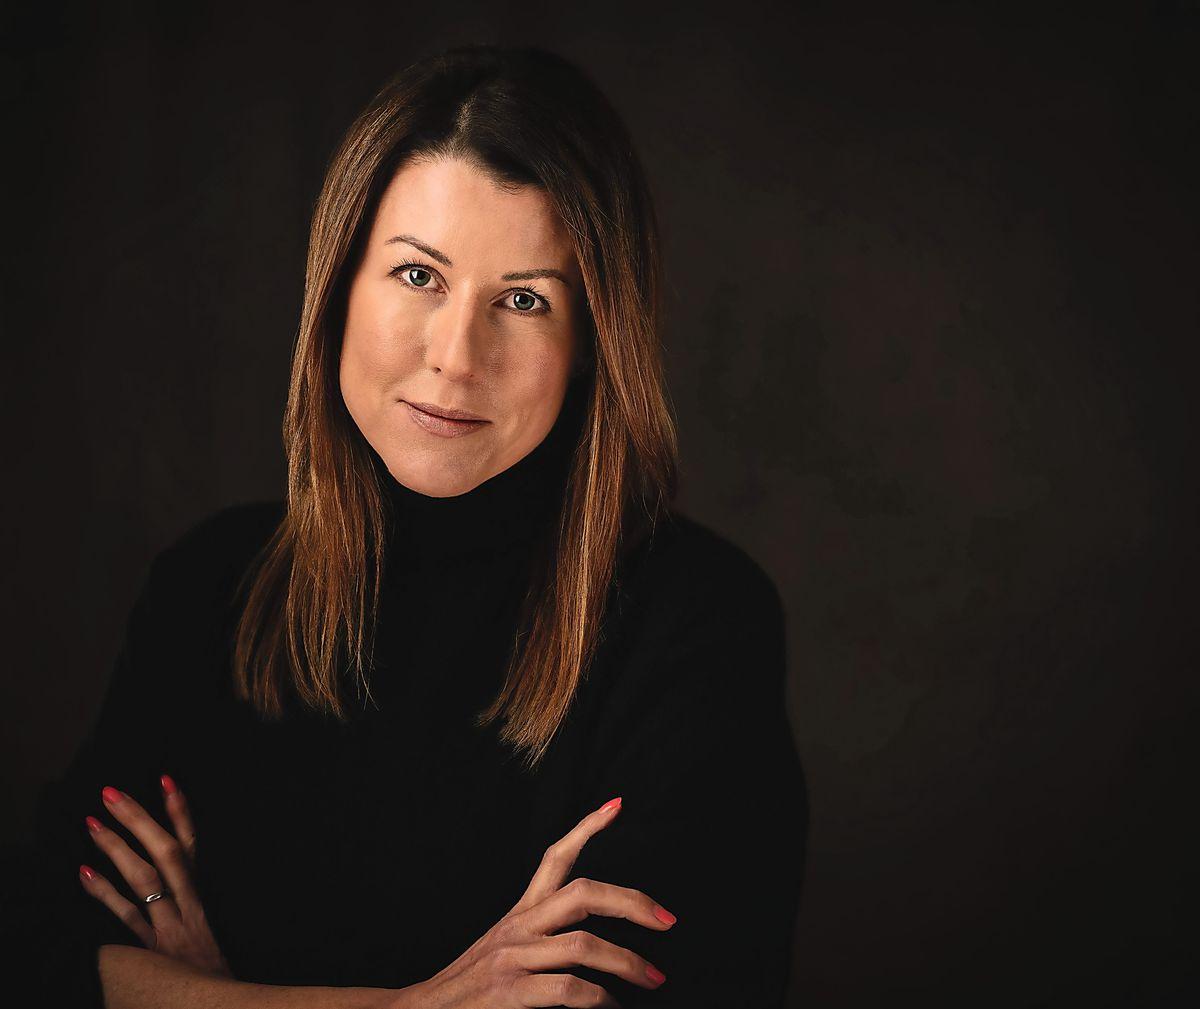 Photographer Jane Jordan